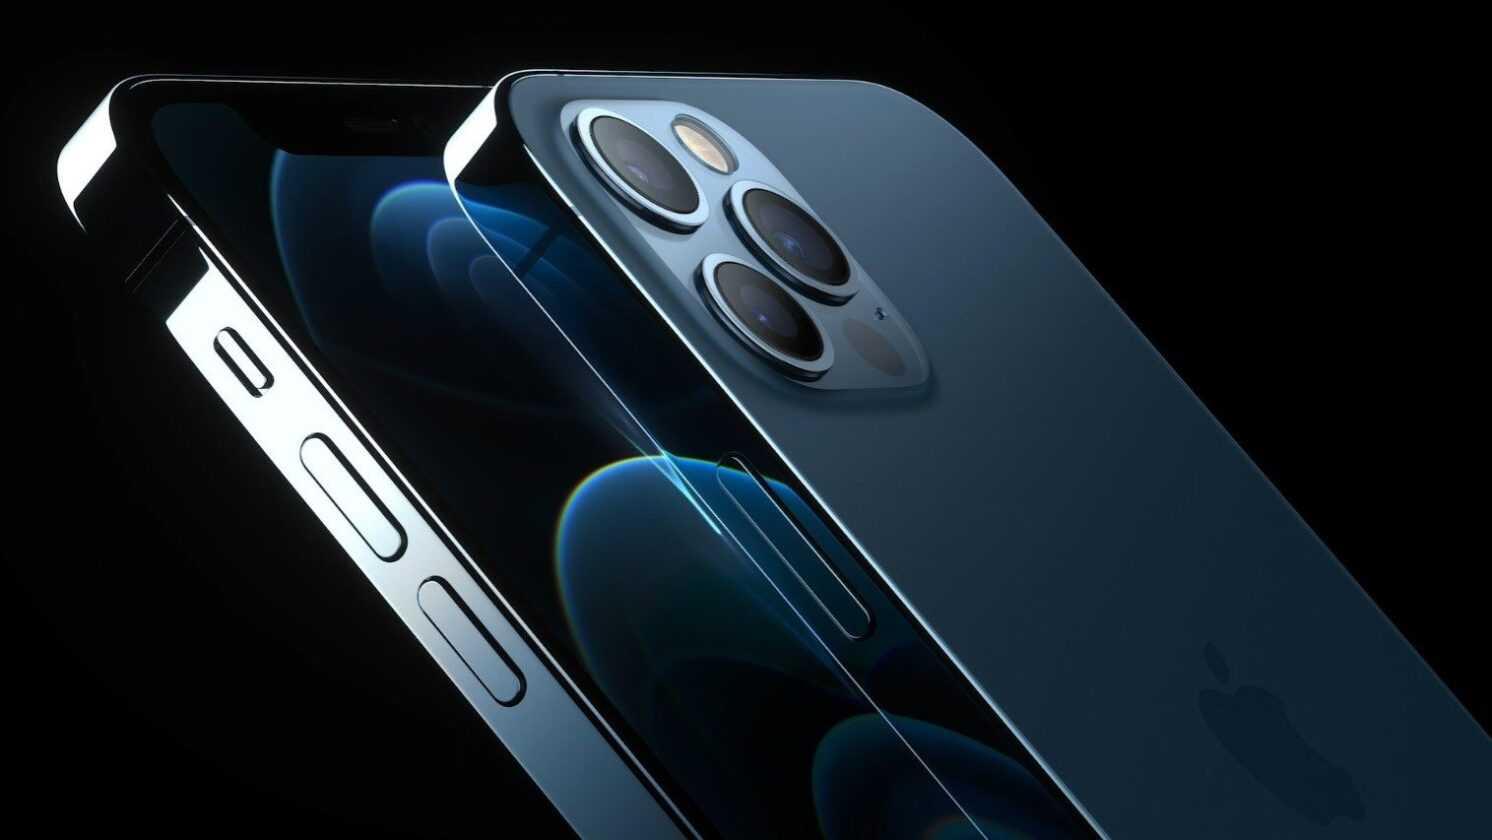 Avec Le Nouveau Proraw, L'iphone 12 Pro Prend Des Photos